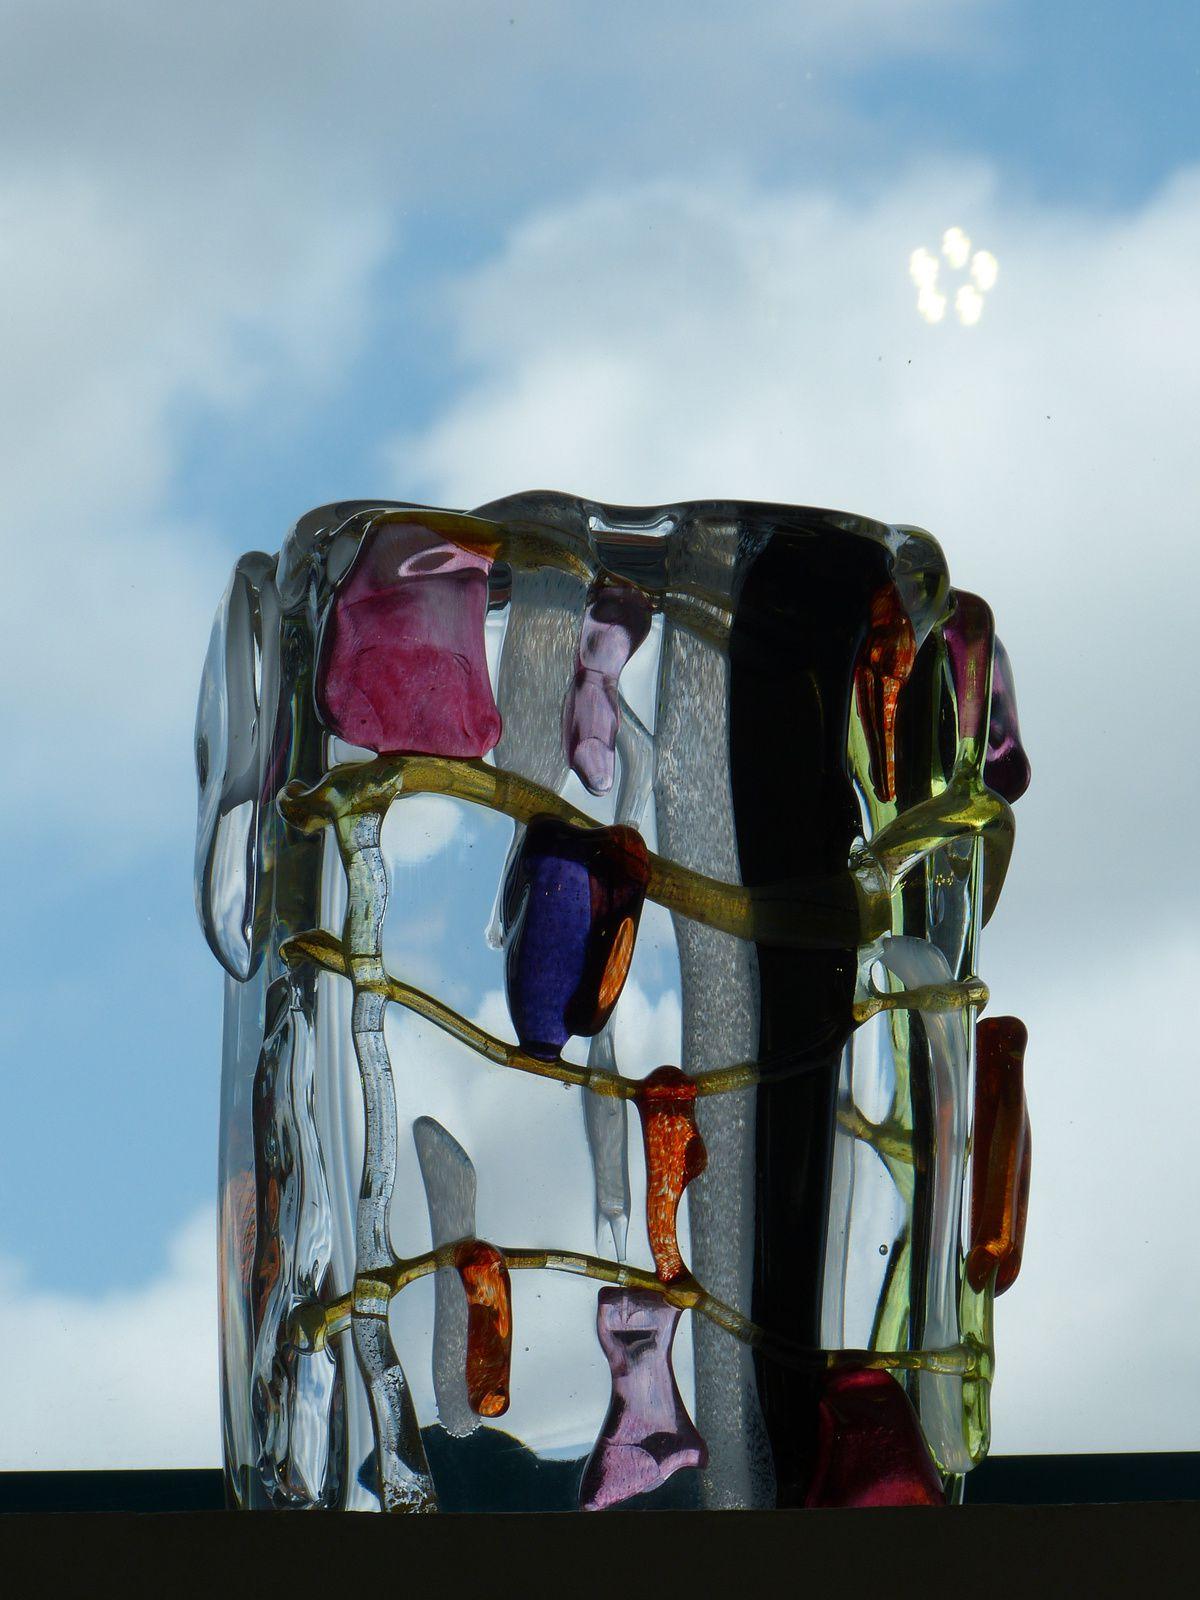 """Xavier Carrère créateur et sculpteur de verre ne se contente pas d'exposer ses oeuvres originales dans sa Galerie """"Léonart"""" à Léon (Landes).Il a créé un musée ouvert à tous""""verre atlantique"""" à Magescq (40140), ou seul et sans aucune aide ou sponsor, il a réuni  divers créateurs du verre ainsi qu'un atelier pédagogique! Cette initiative mériterait d'être encouragée par la région et les élus locaux, et les créations de Xavier mériteraient une place de choix au Musée des Arts Décoratifs à Paris....."""